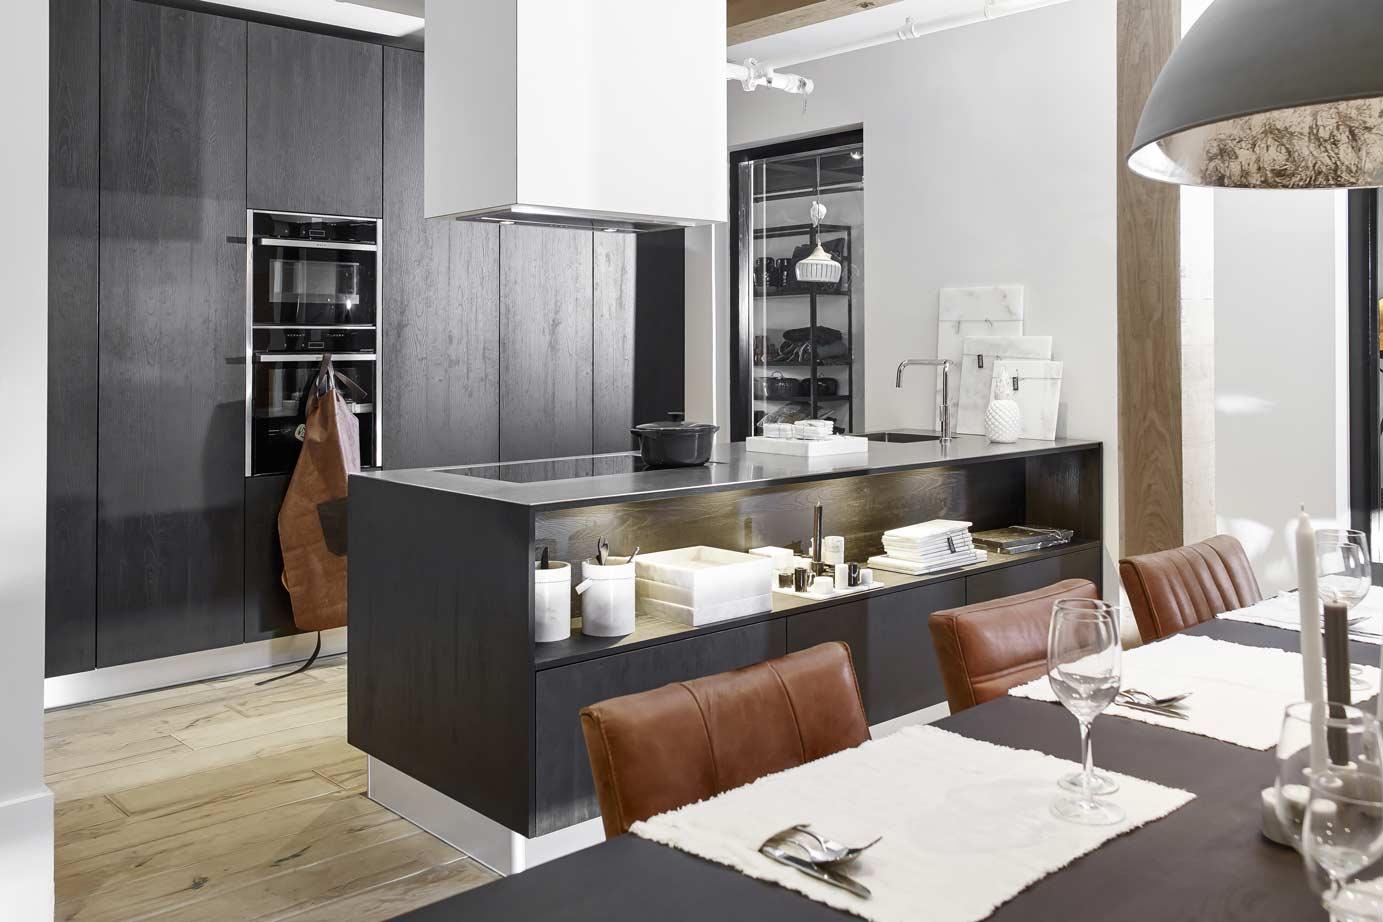 Landelijk Keuken Modern : Zwarte keuken met kookeiland bekijk foto s en prijzen db keukens